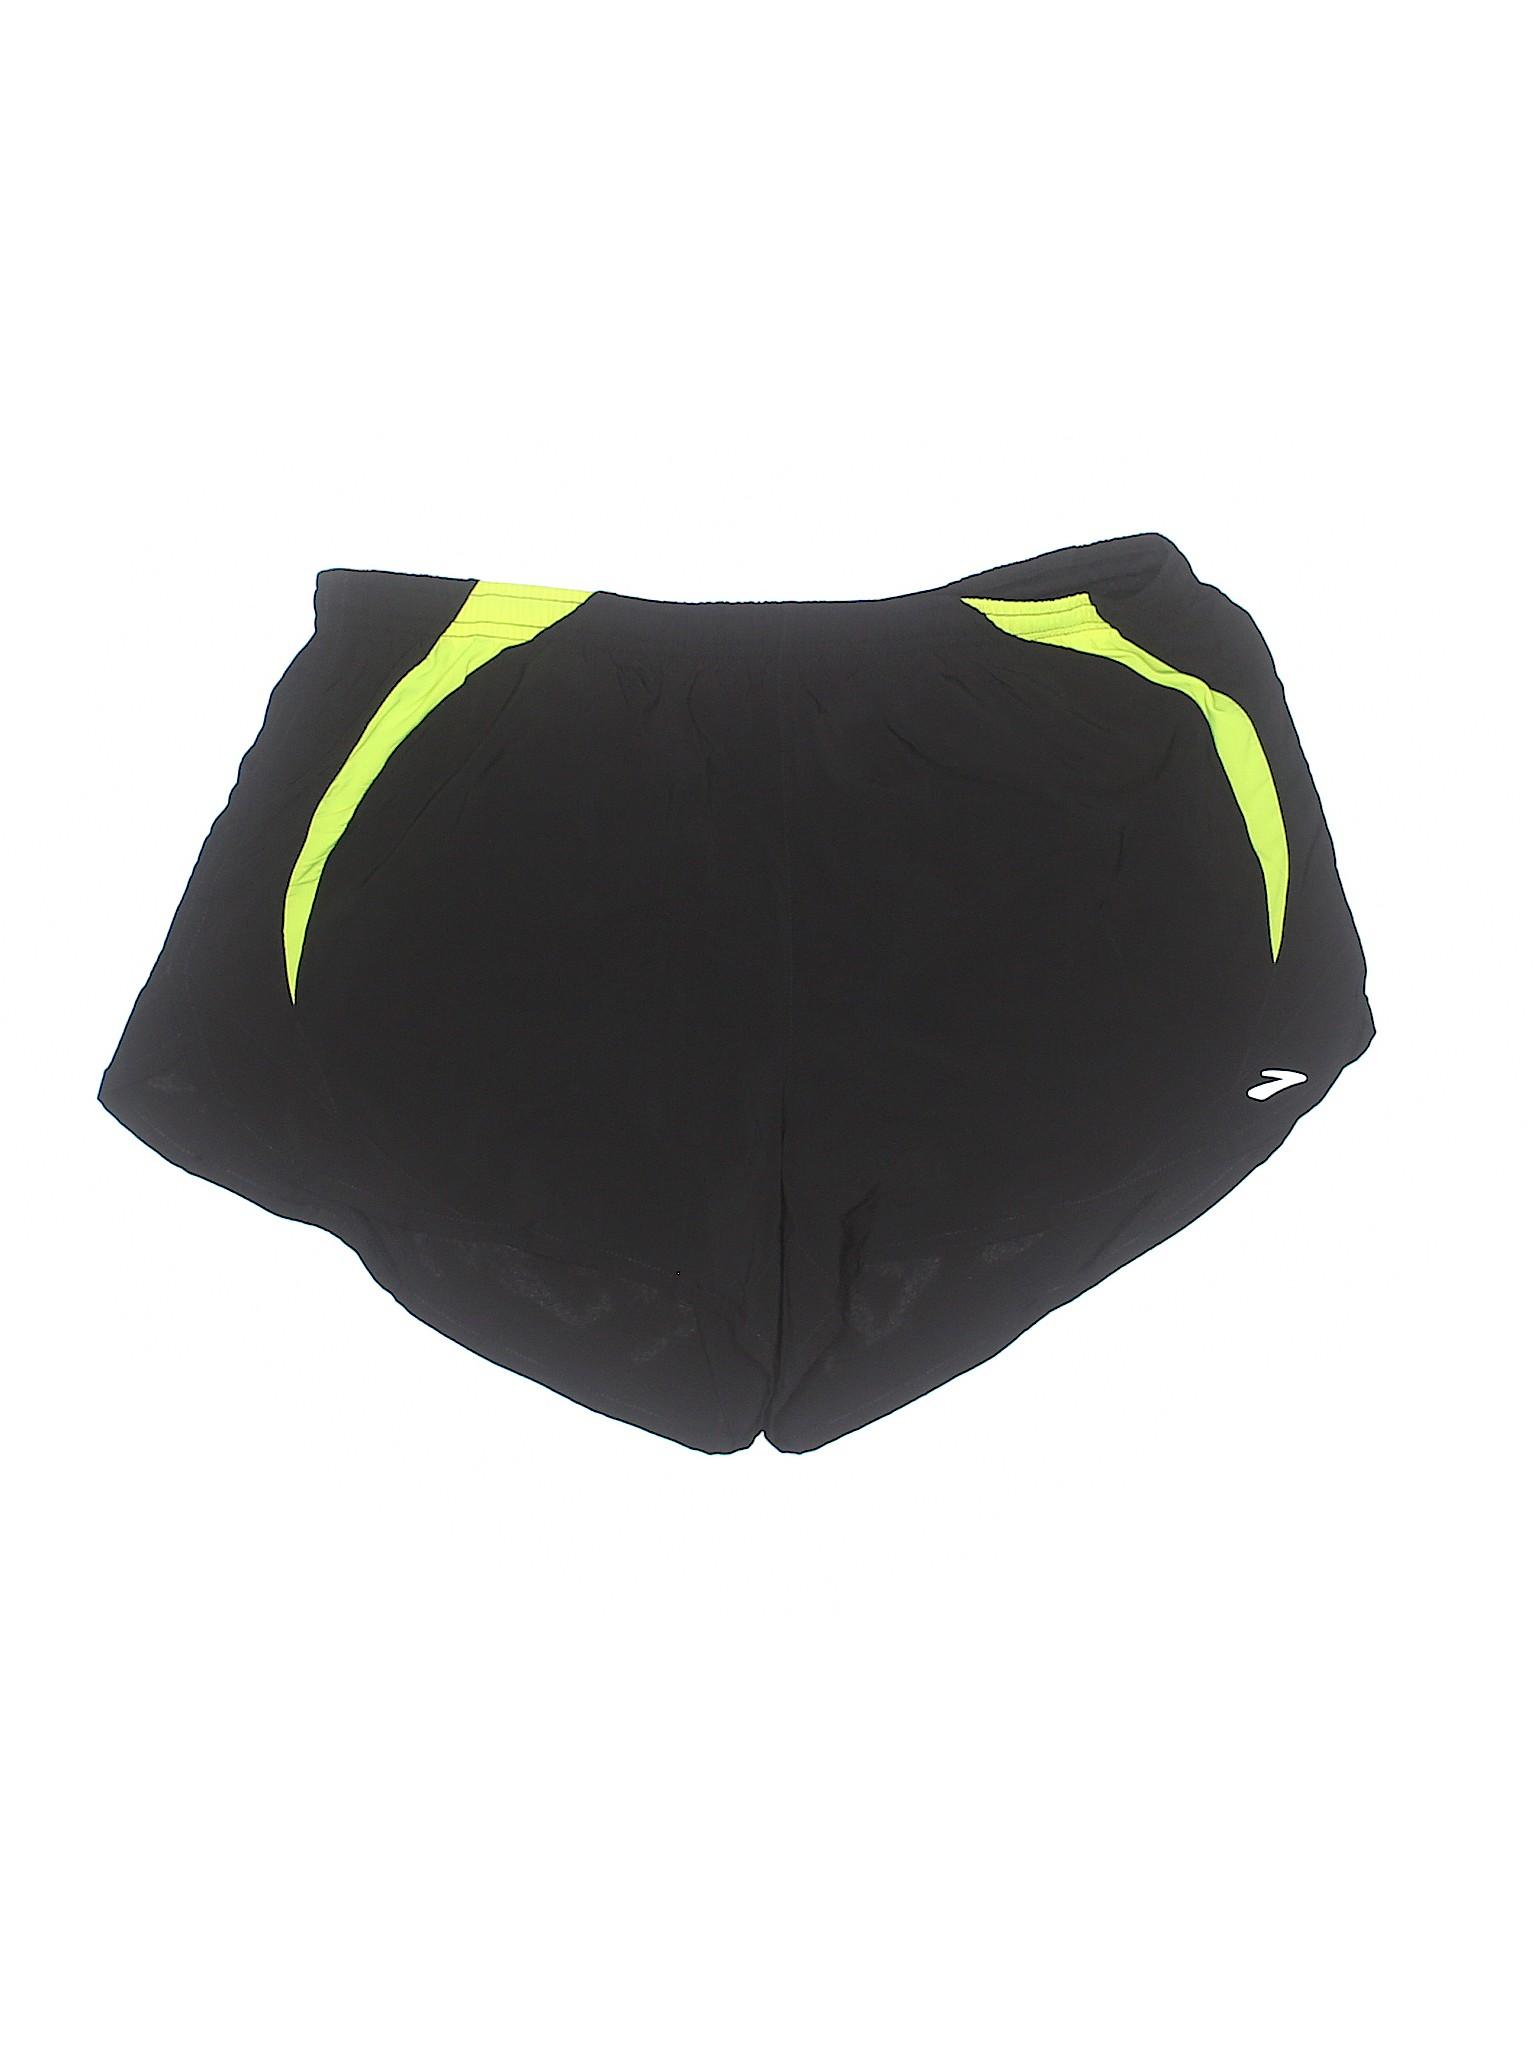 Athletic Brooks Boutique Brooks Boutique Shorts Shorts Boutique Athletic Brooks 6wqdv0qI